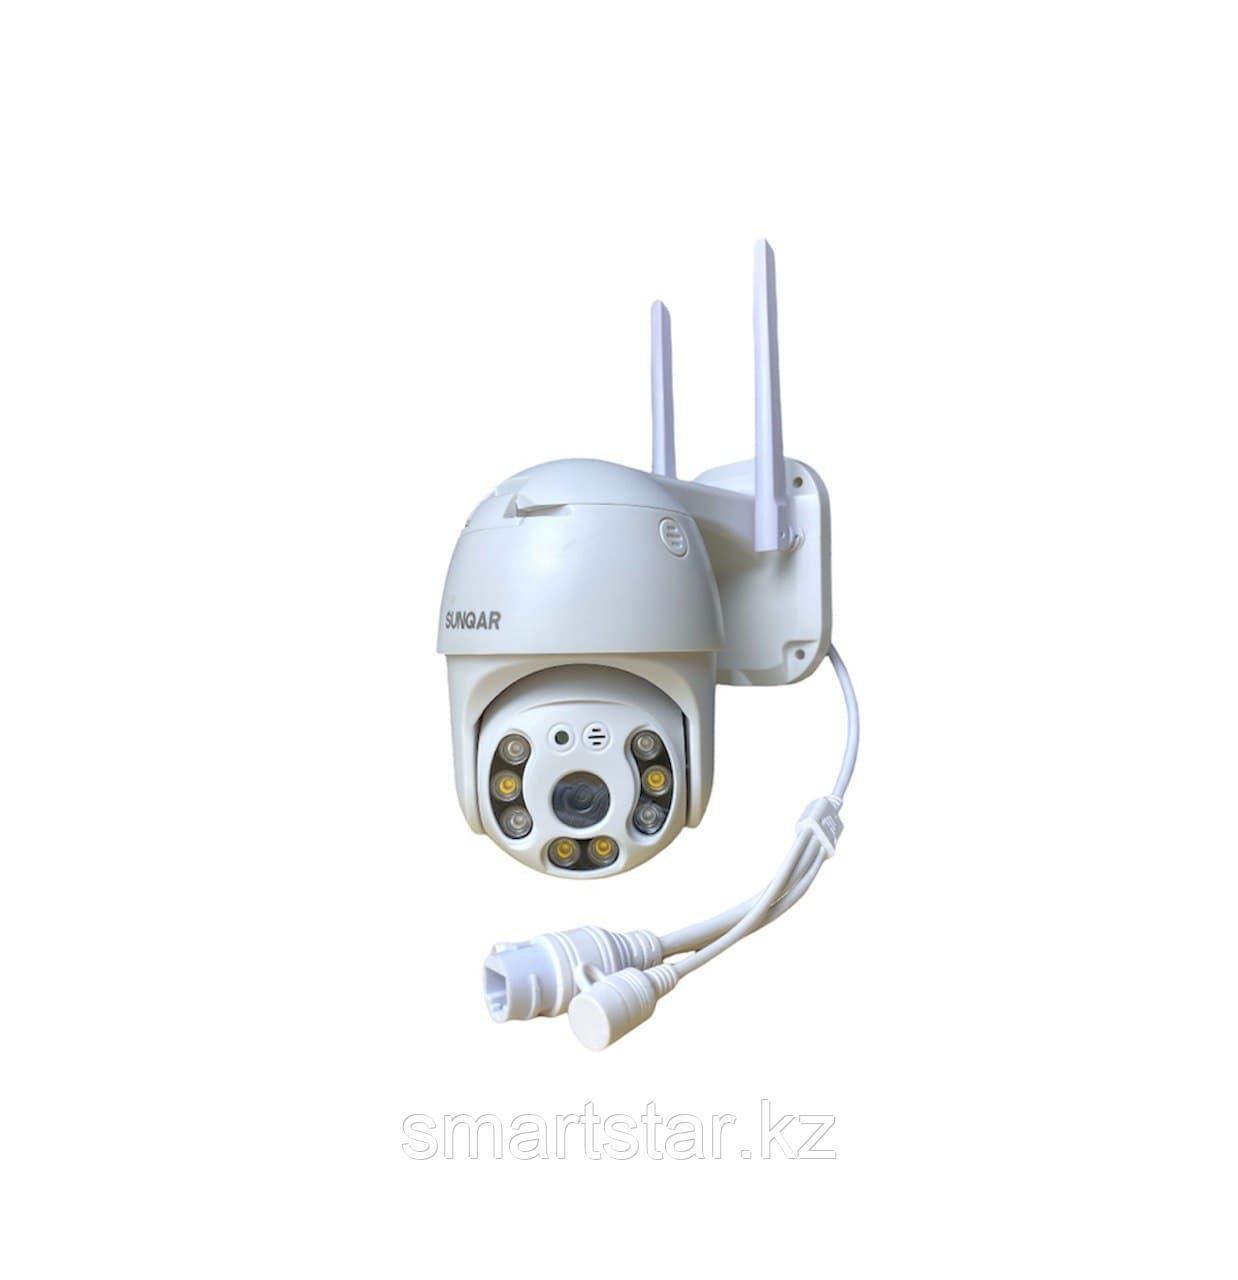 Поворотная уличная WiFi камера видеонаблюдения SUNQAR PTZ SU-335